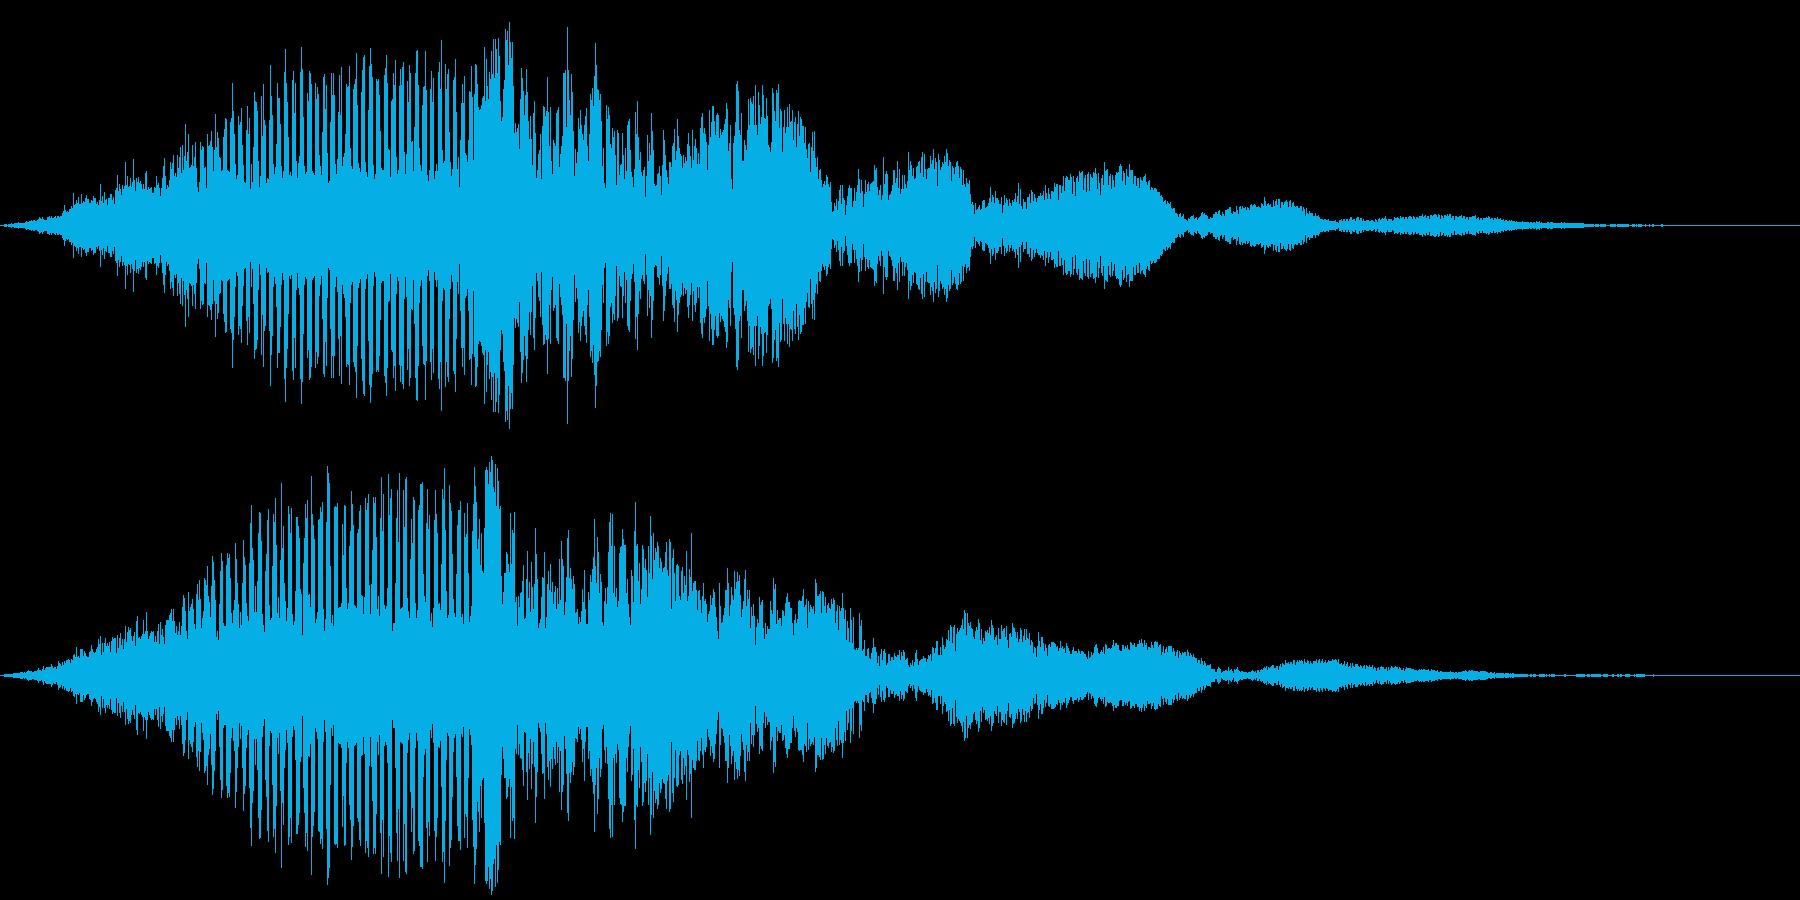 【映画演出】タイトル_03 エピックの再生済みの波形